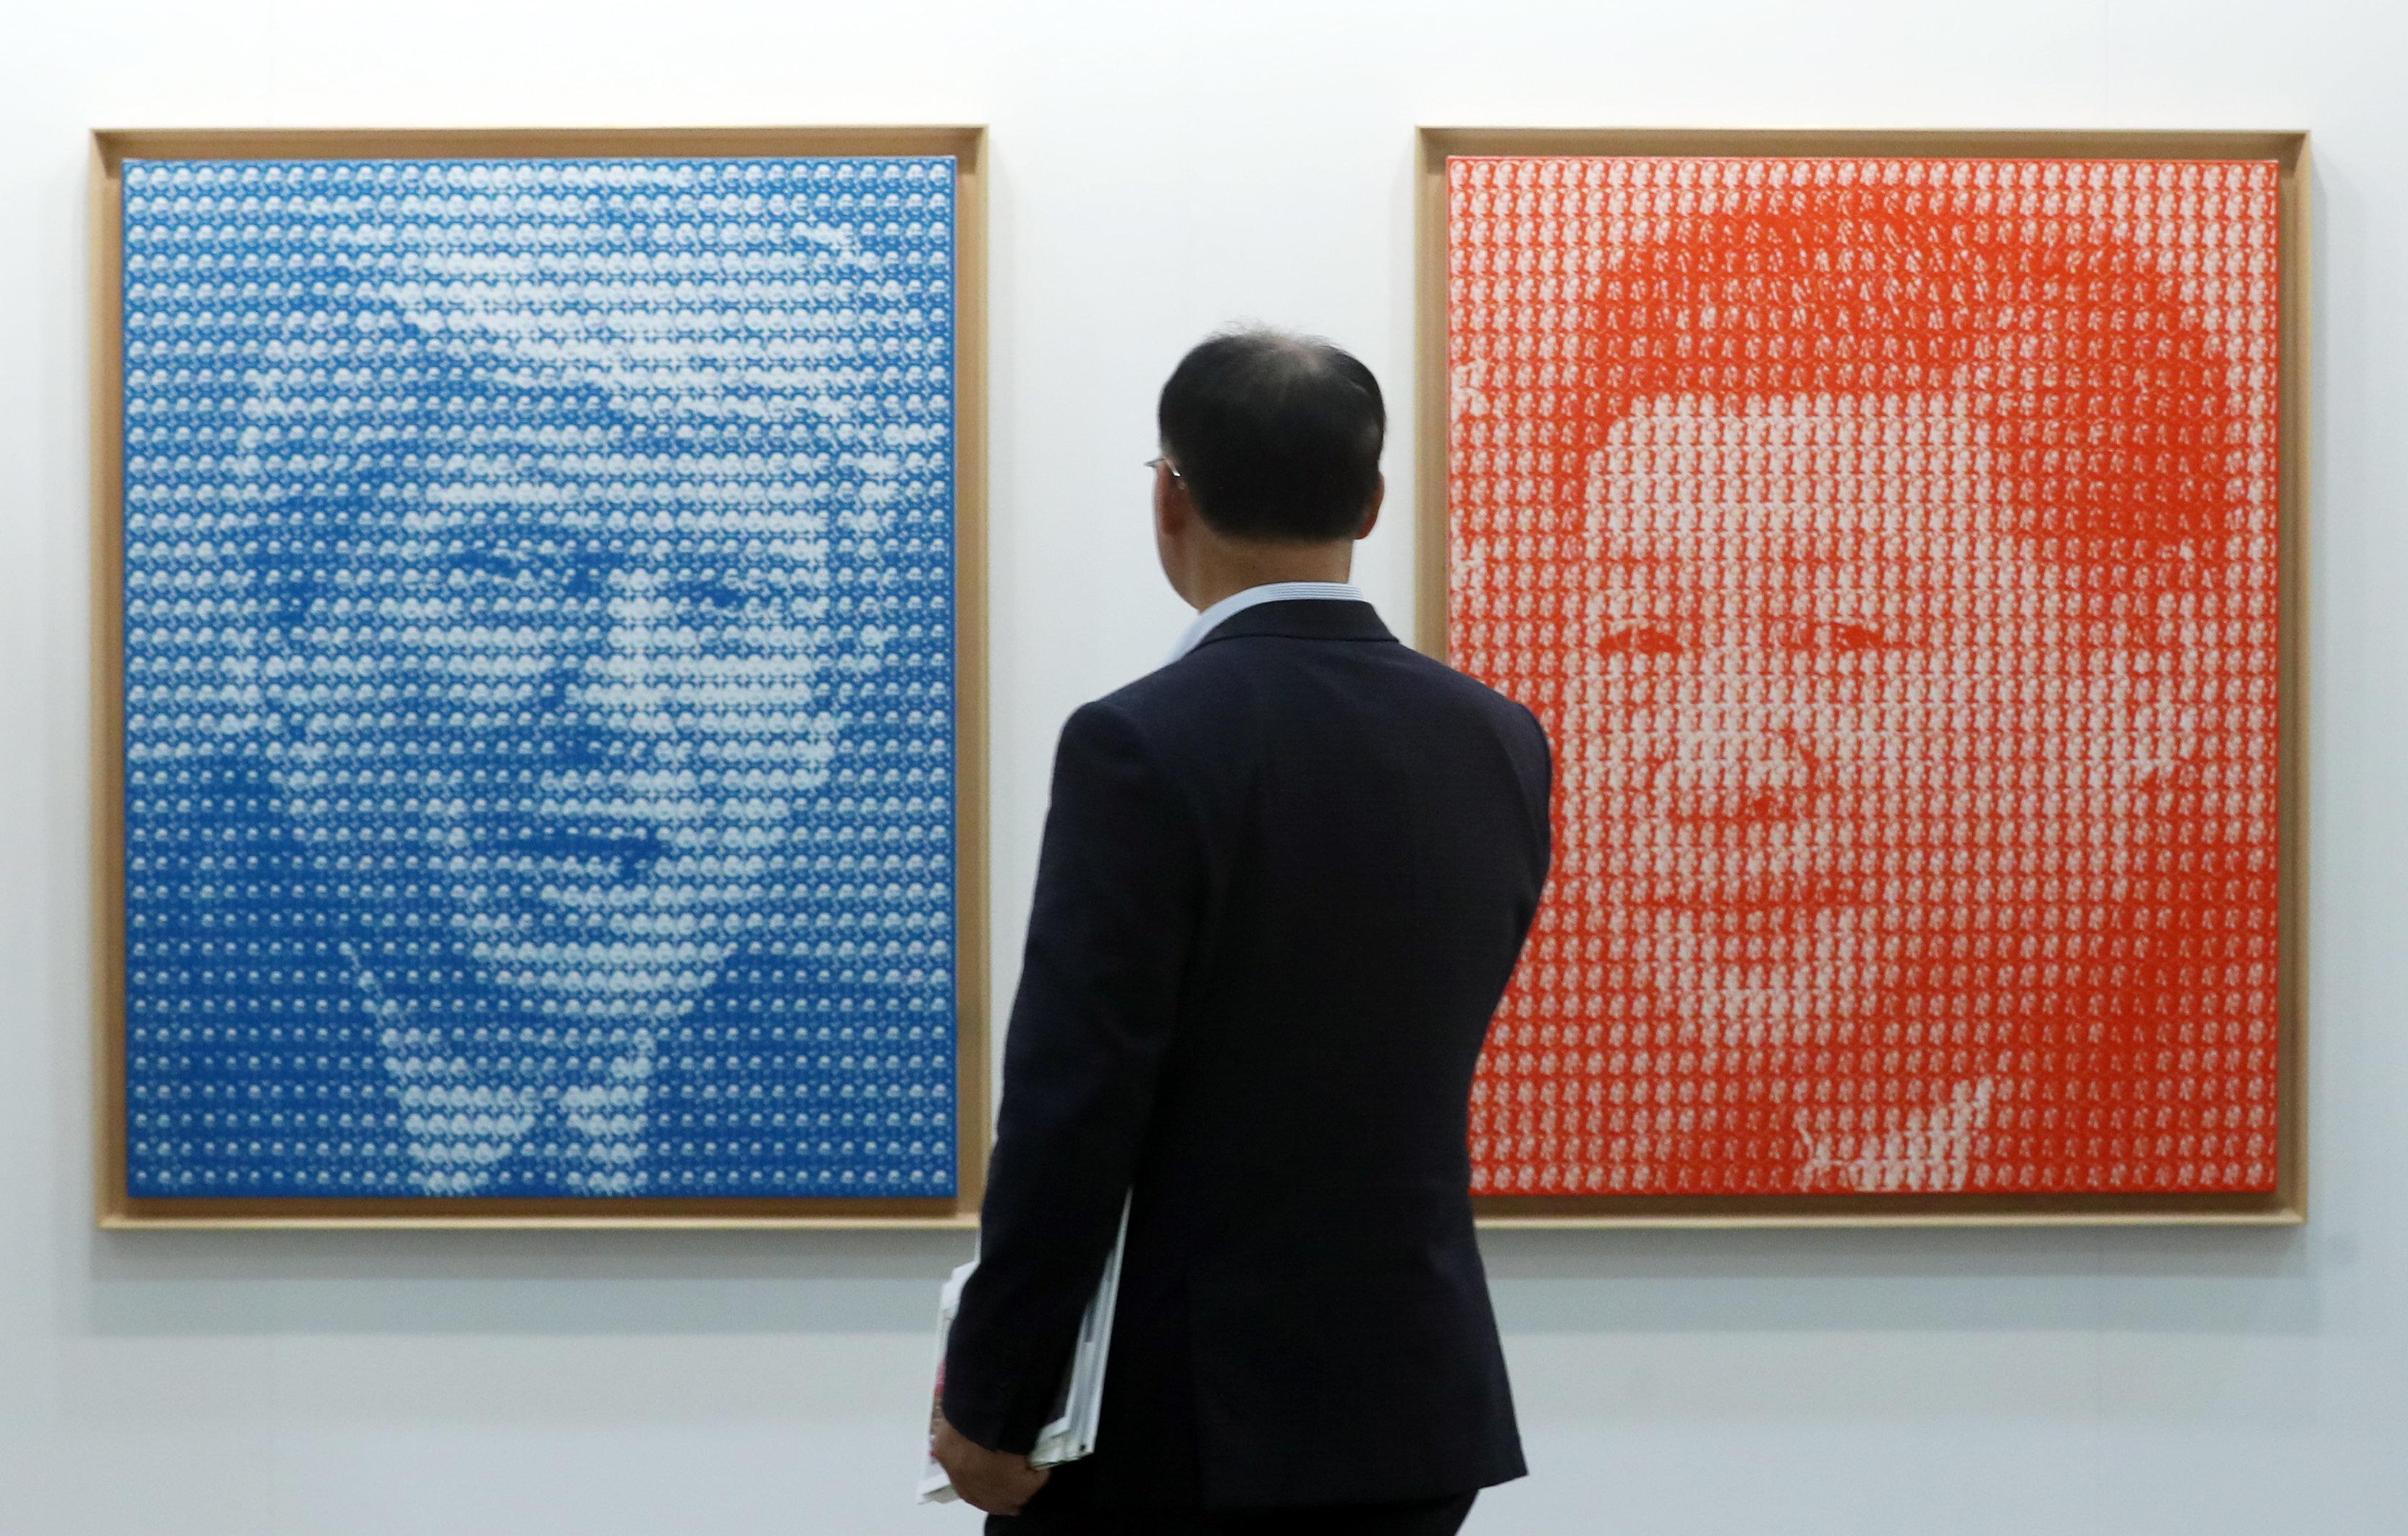 시진핑과 트럼프가 오랜 무역분쟁을 끝내려는 것